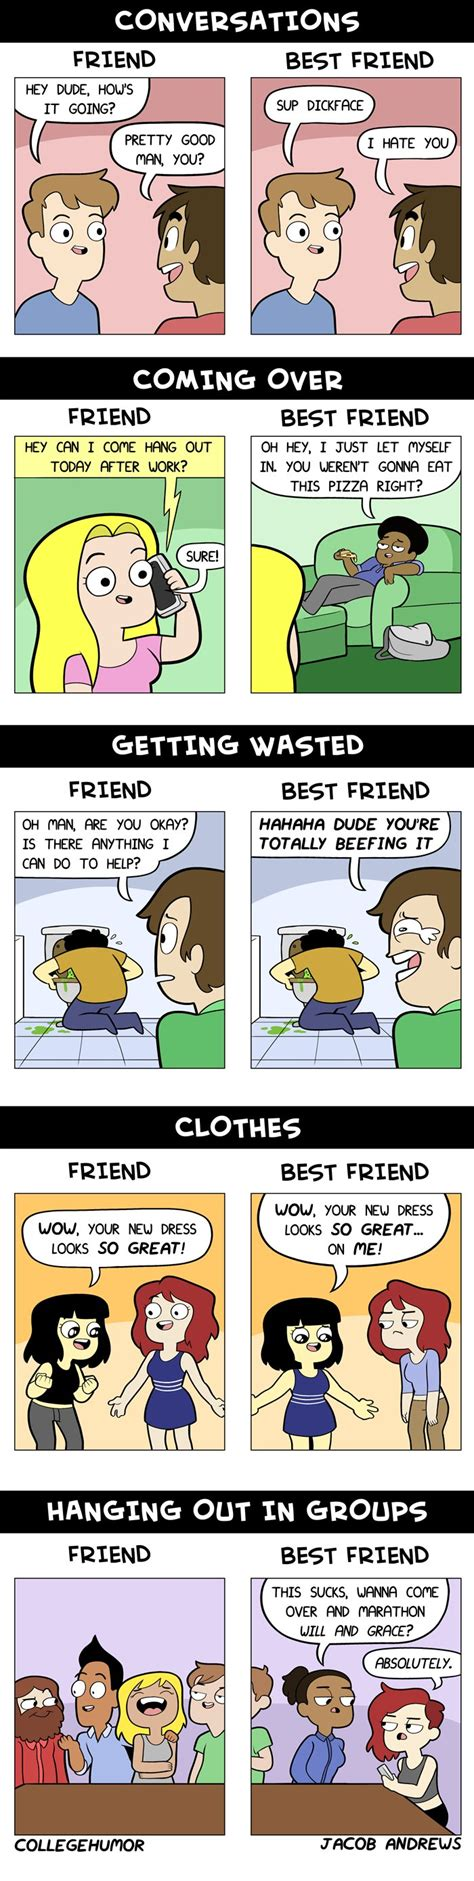 friend best friend friends vs best friends collegehumor post